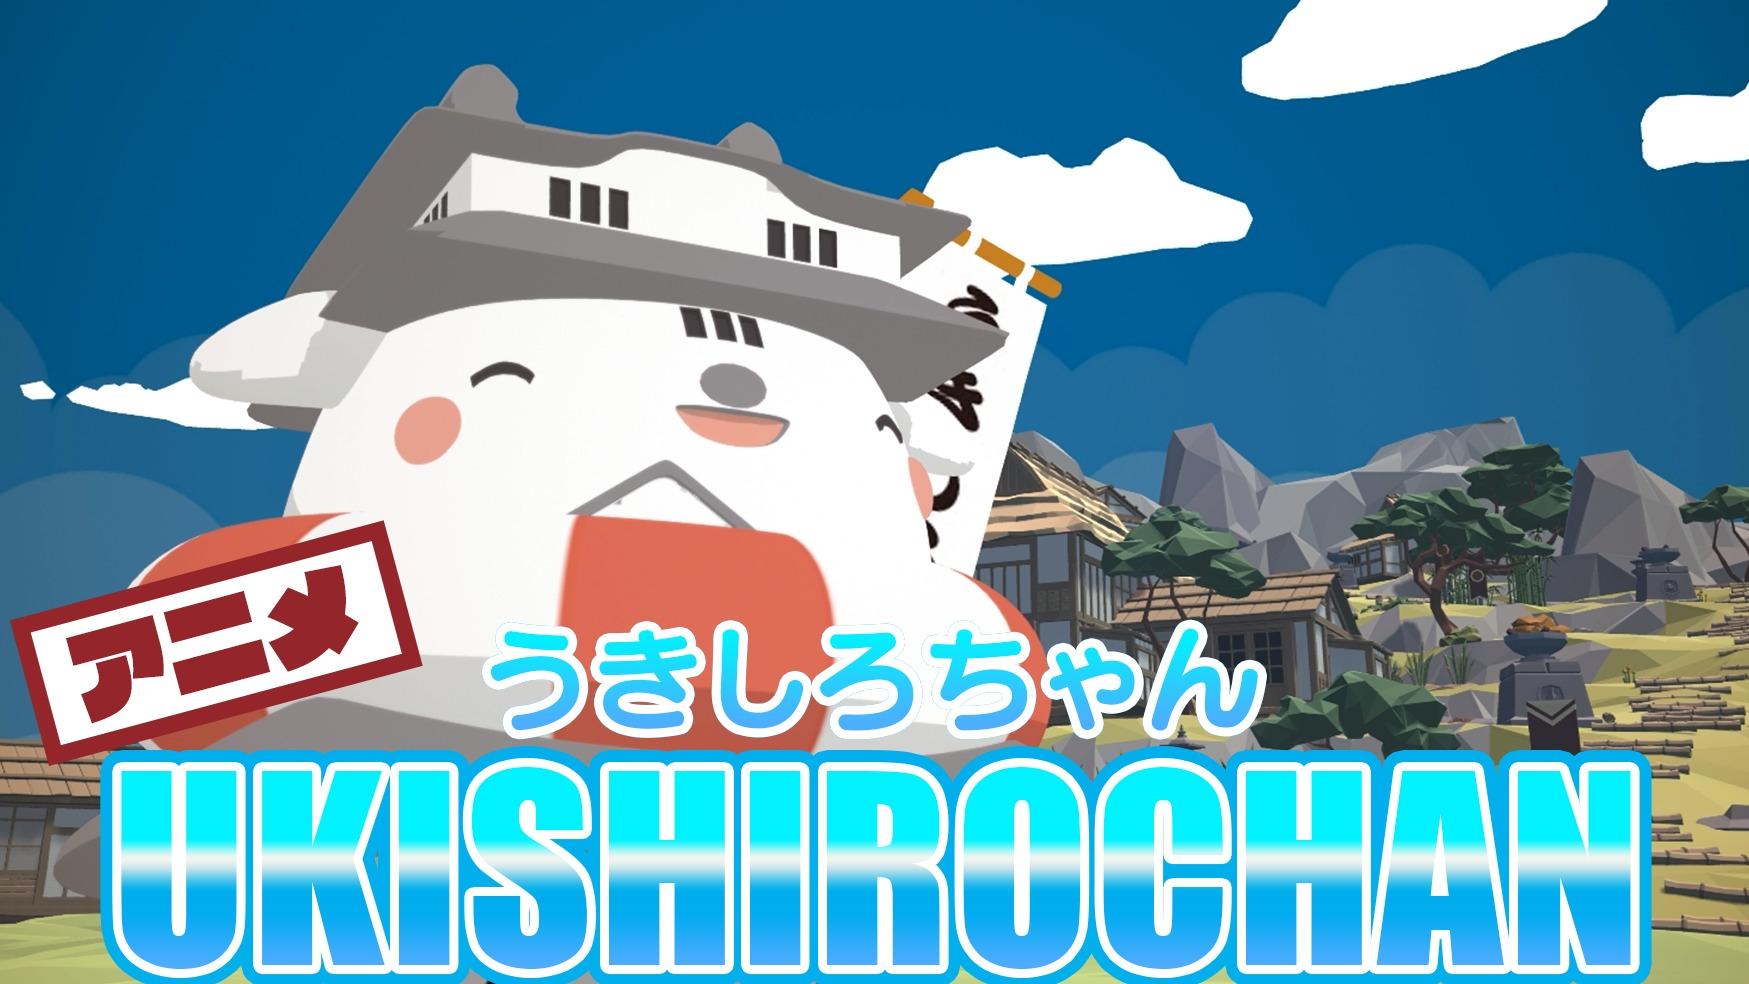 ご当地Vtuberうきしろちゃんのアニメ